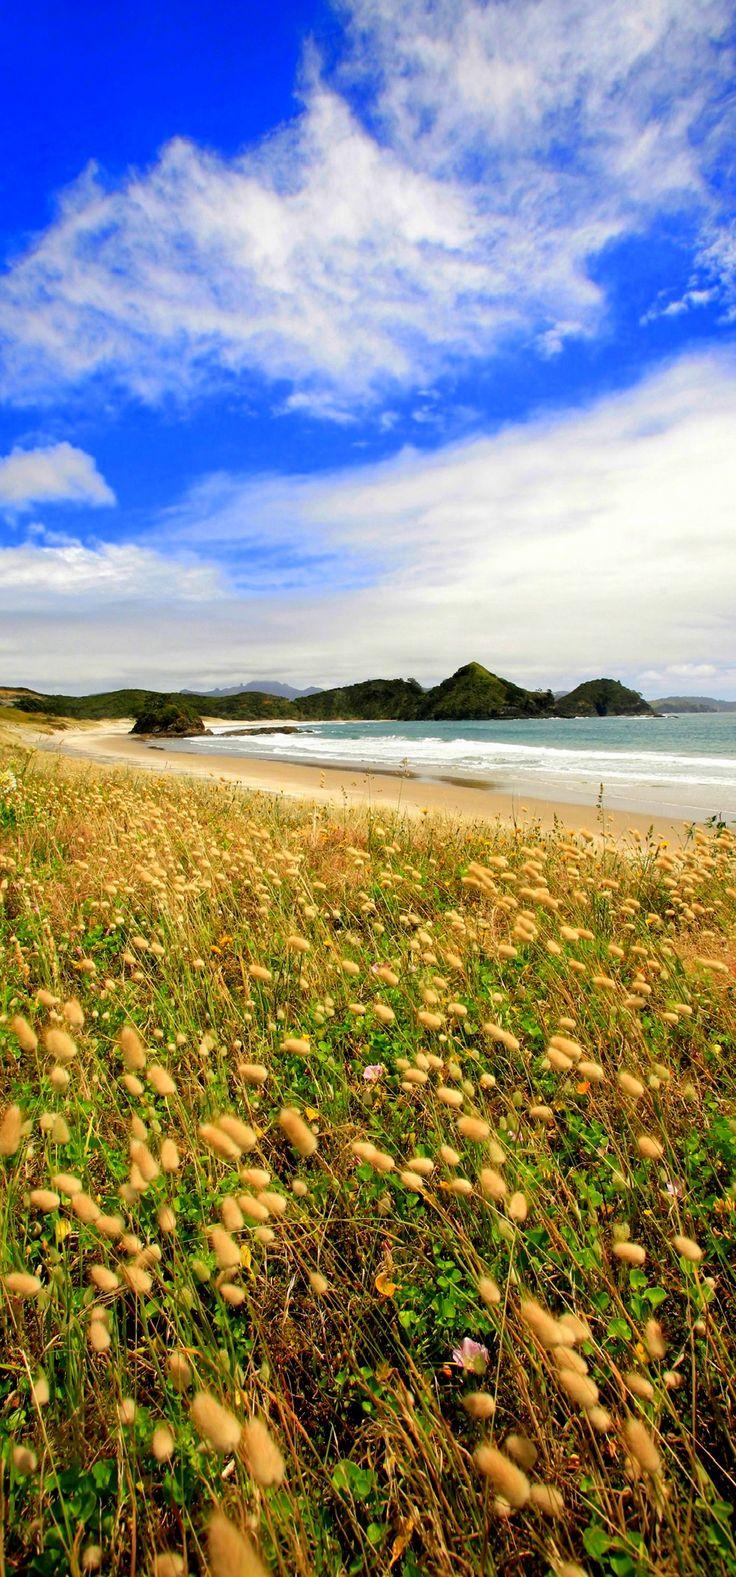 Medlands Beach - Great Barrier Island, NZ